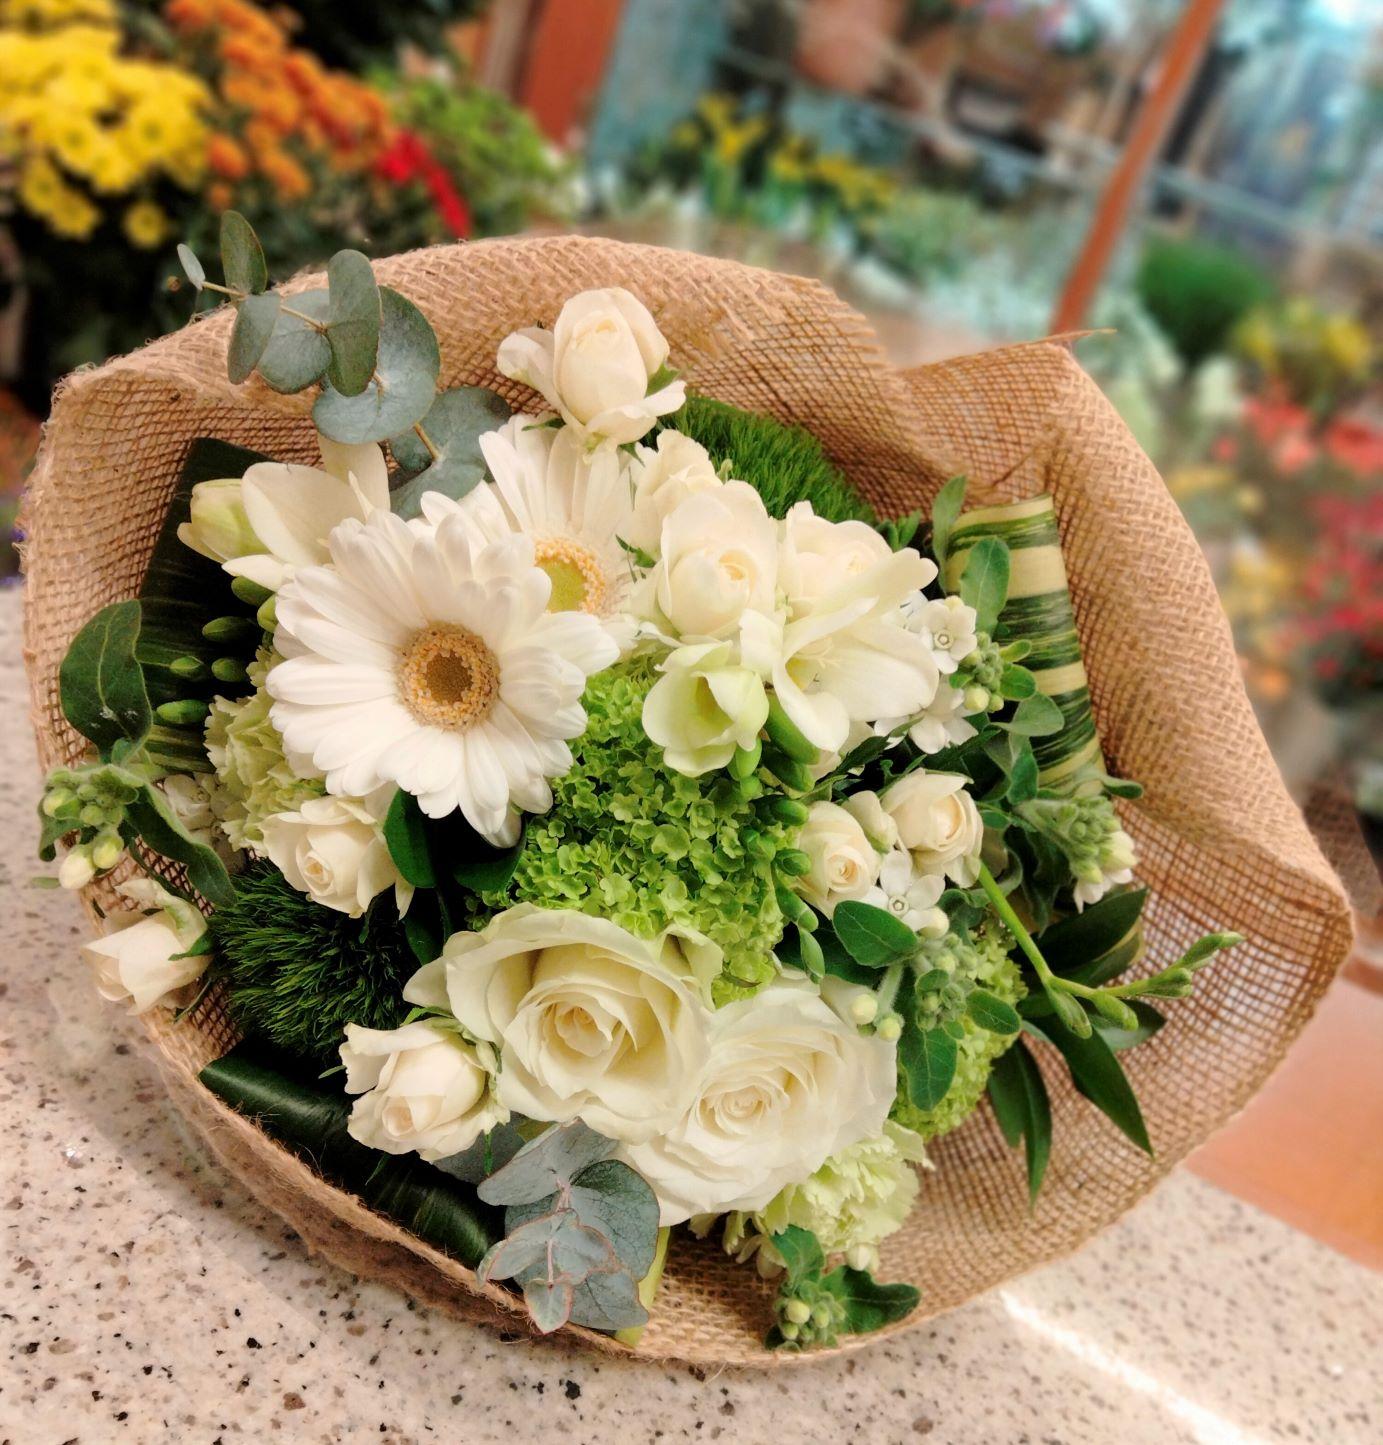 横浜関内へ花束を配達しました。【横浜花屋の花束・スタンド花・胡蝶蘭・バルーン・アレンジメント配達事例880】